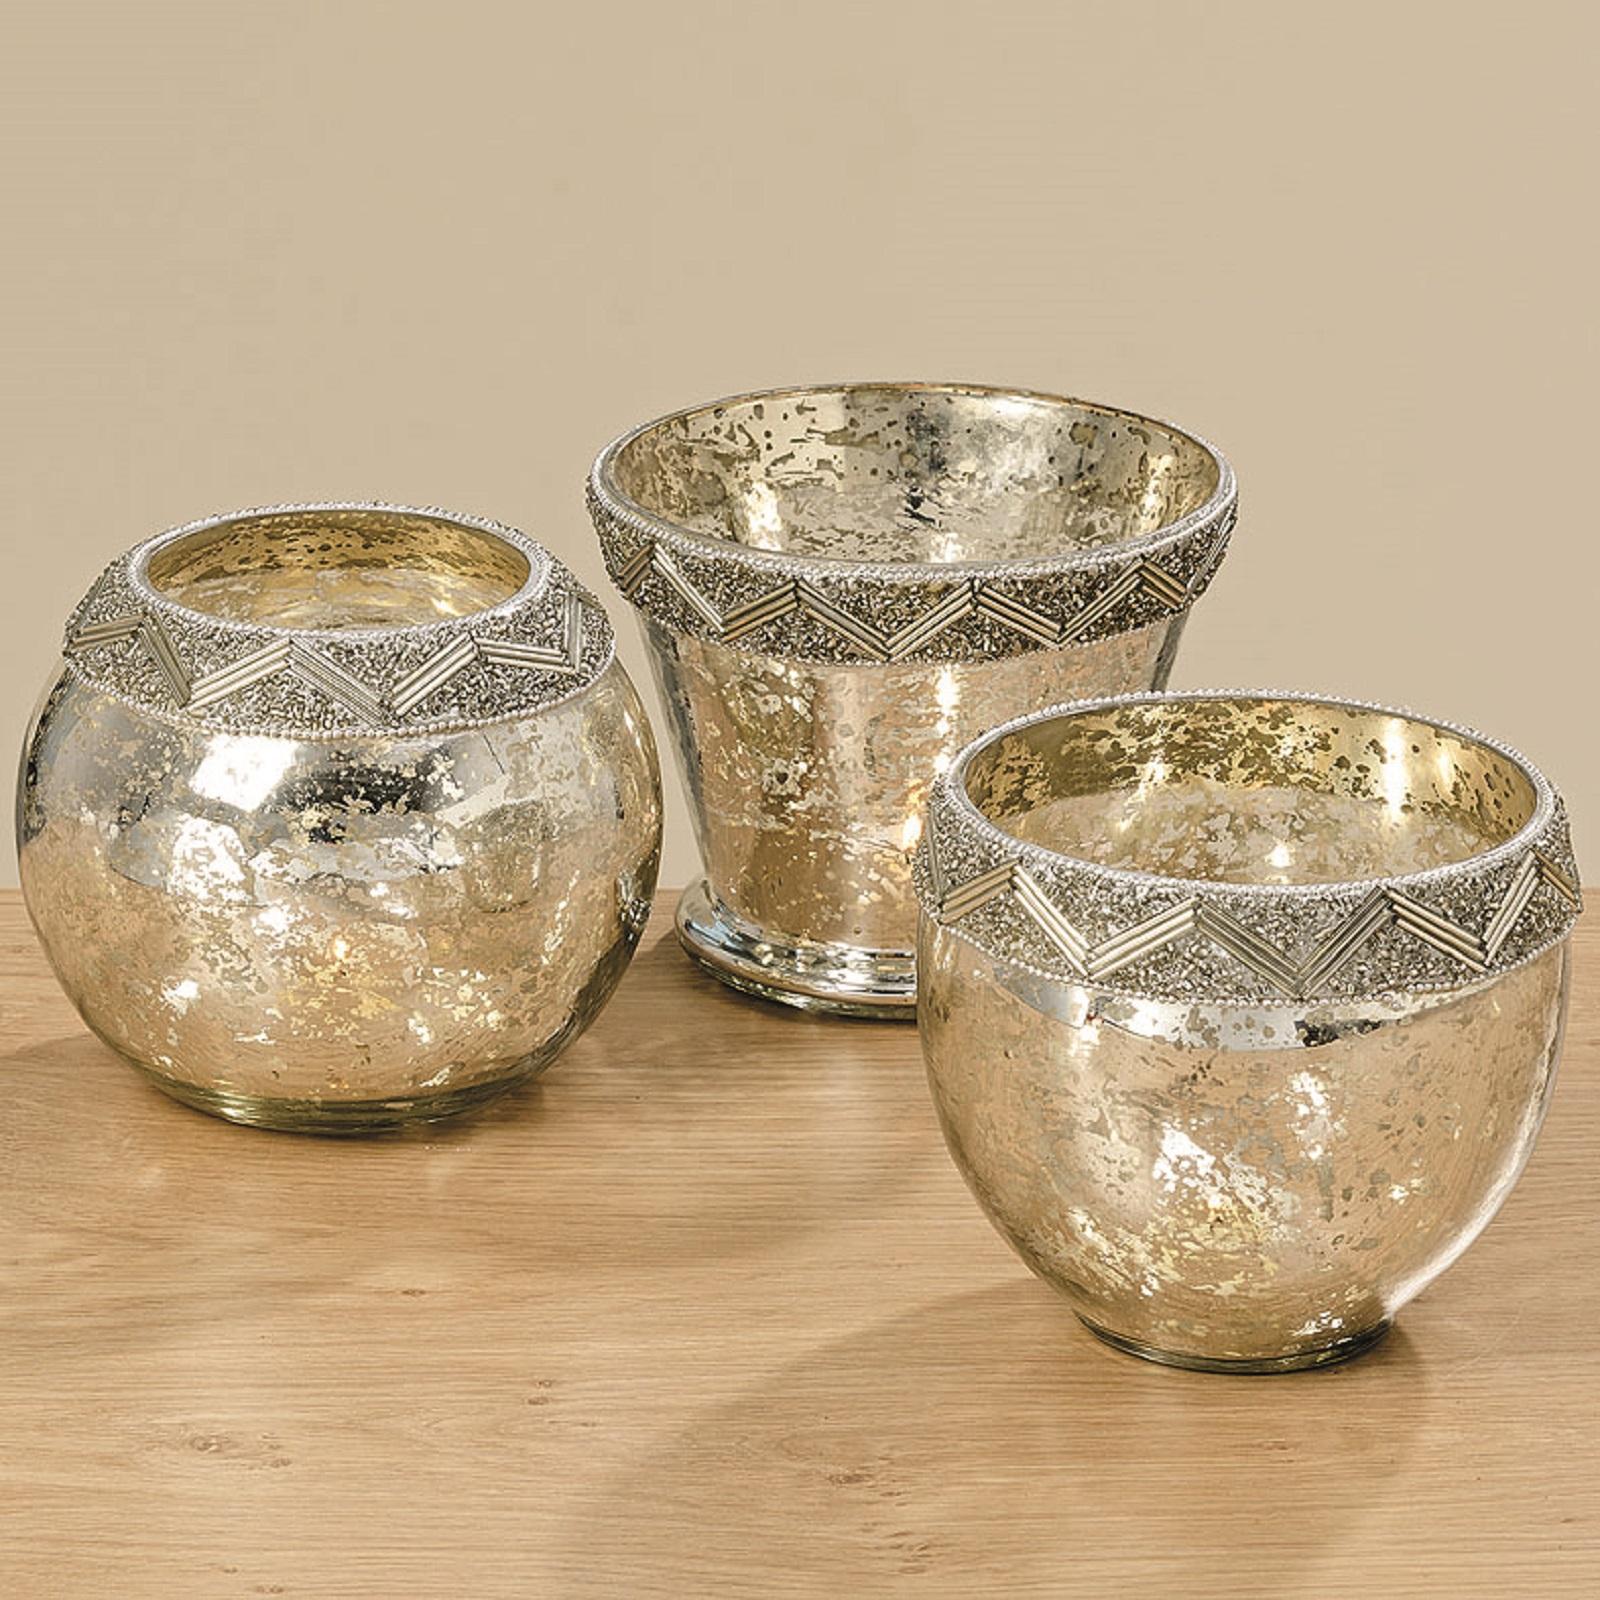 Windlicht Glas lackiert silber 3 Ausführungen Stückpreis Ø ca. 15 cm